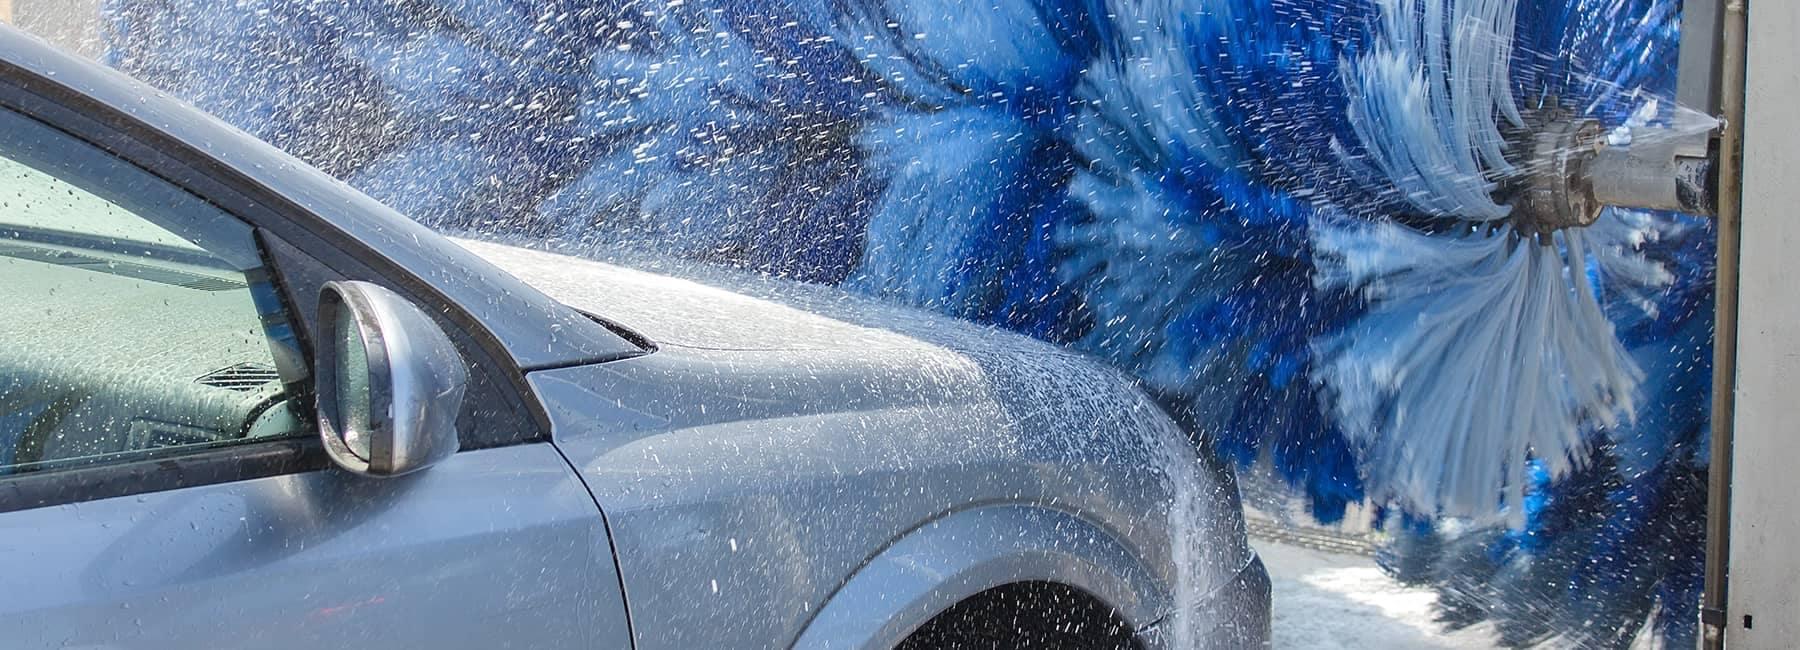 car driving through car wash